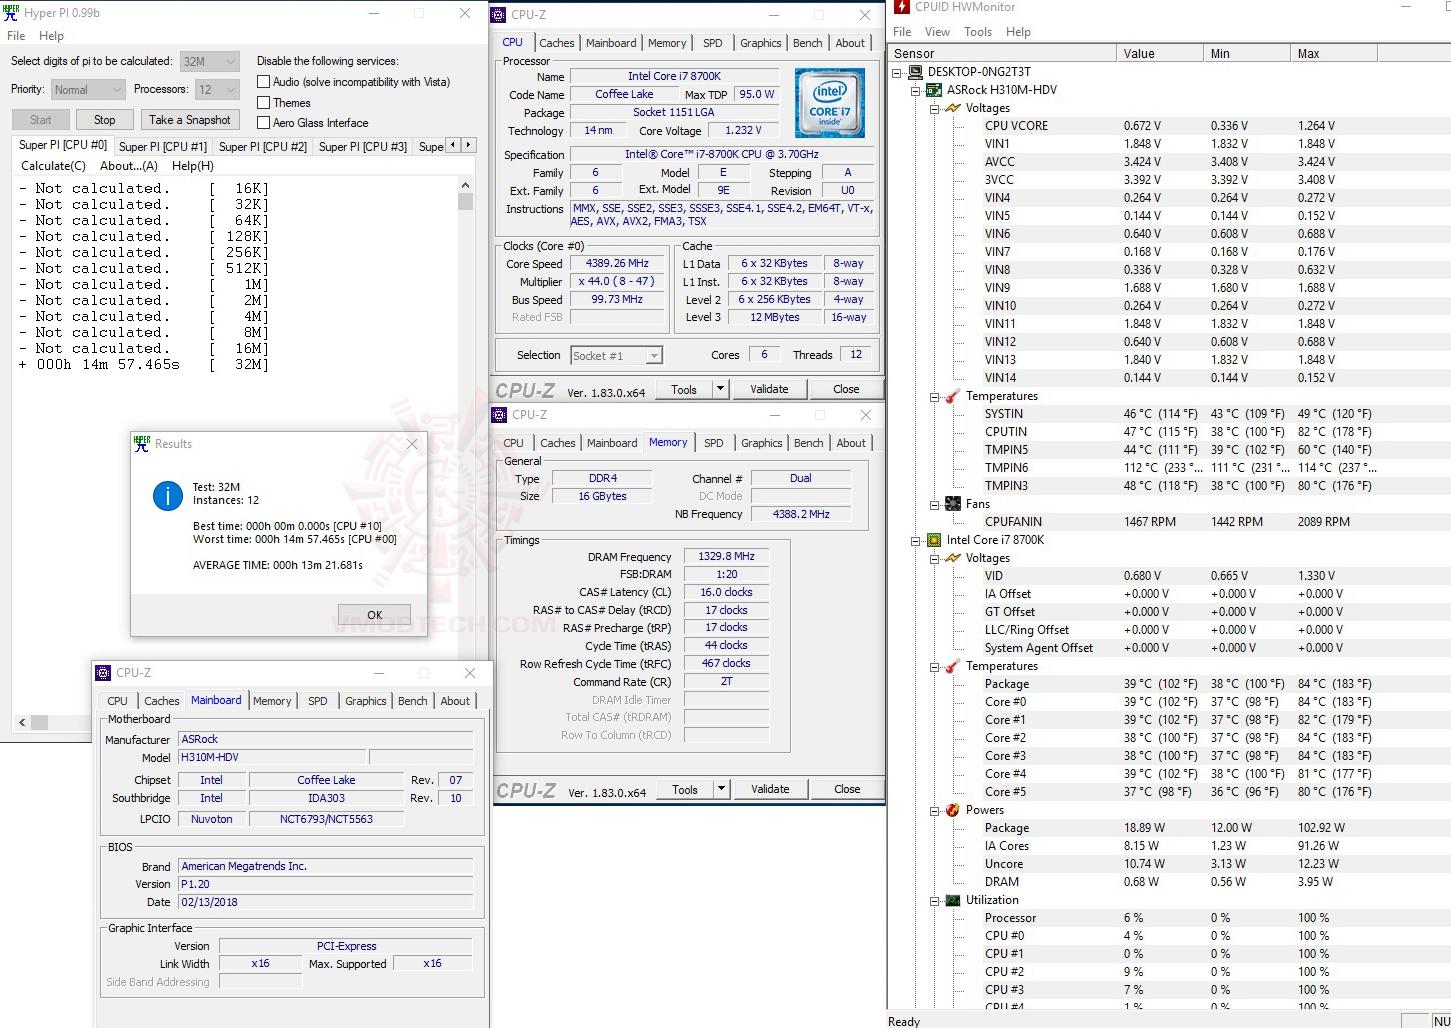 h32 2 ASRock H310M HDV Review